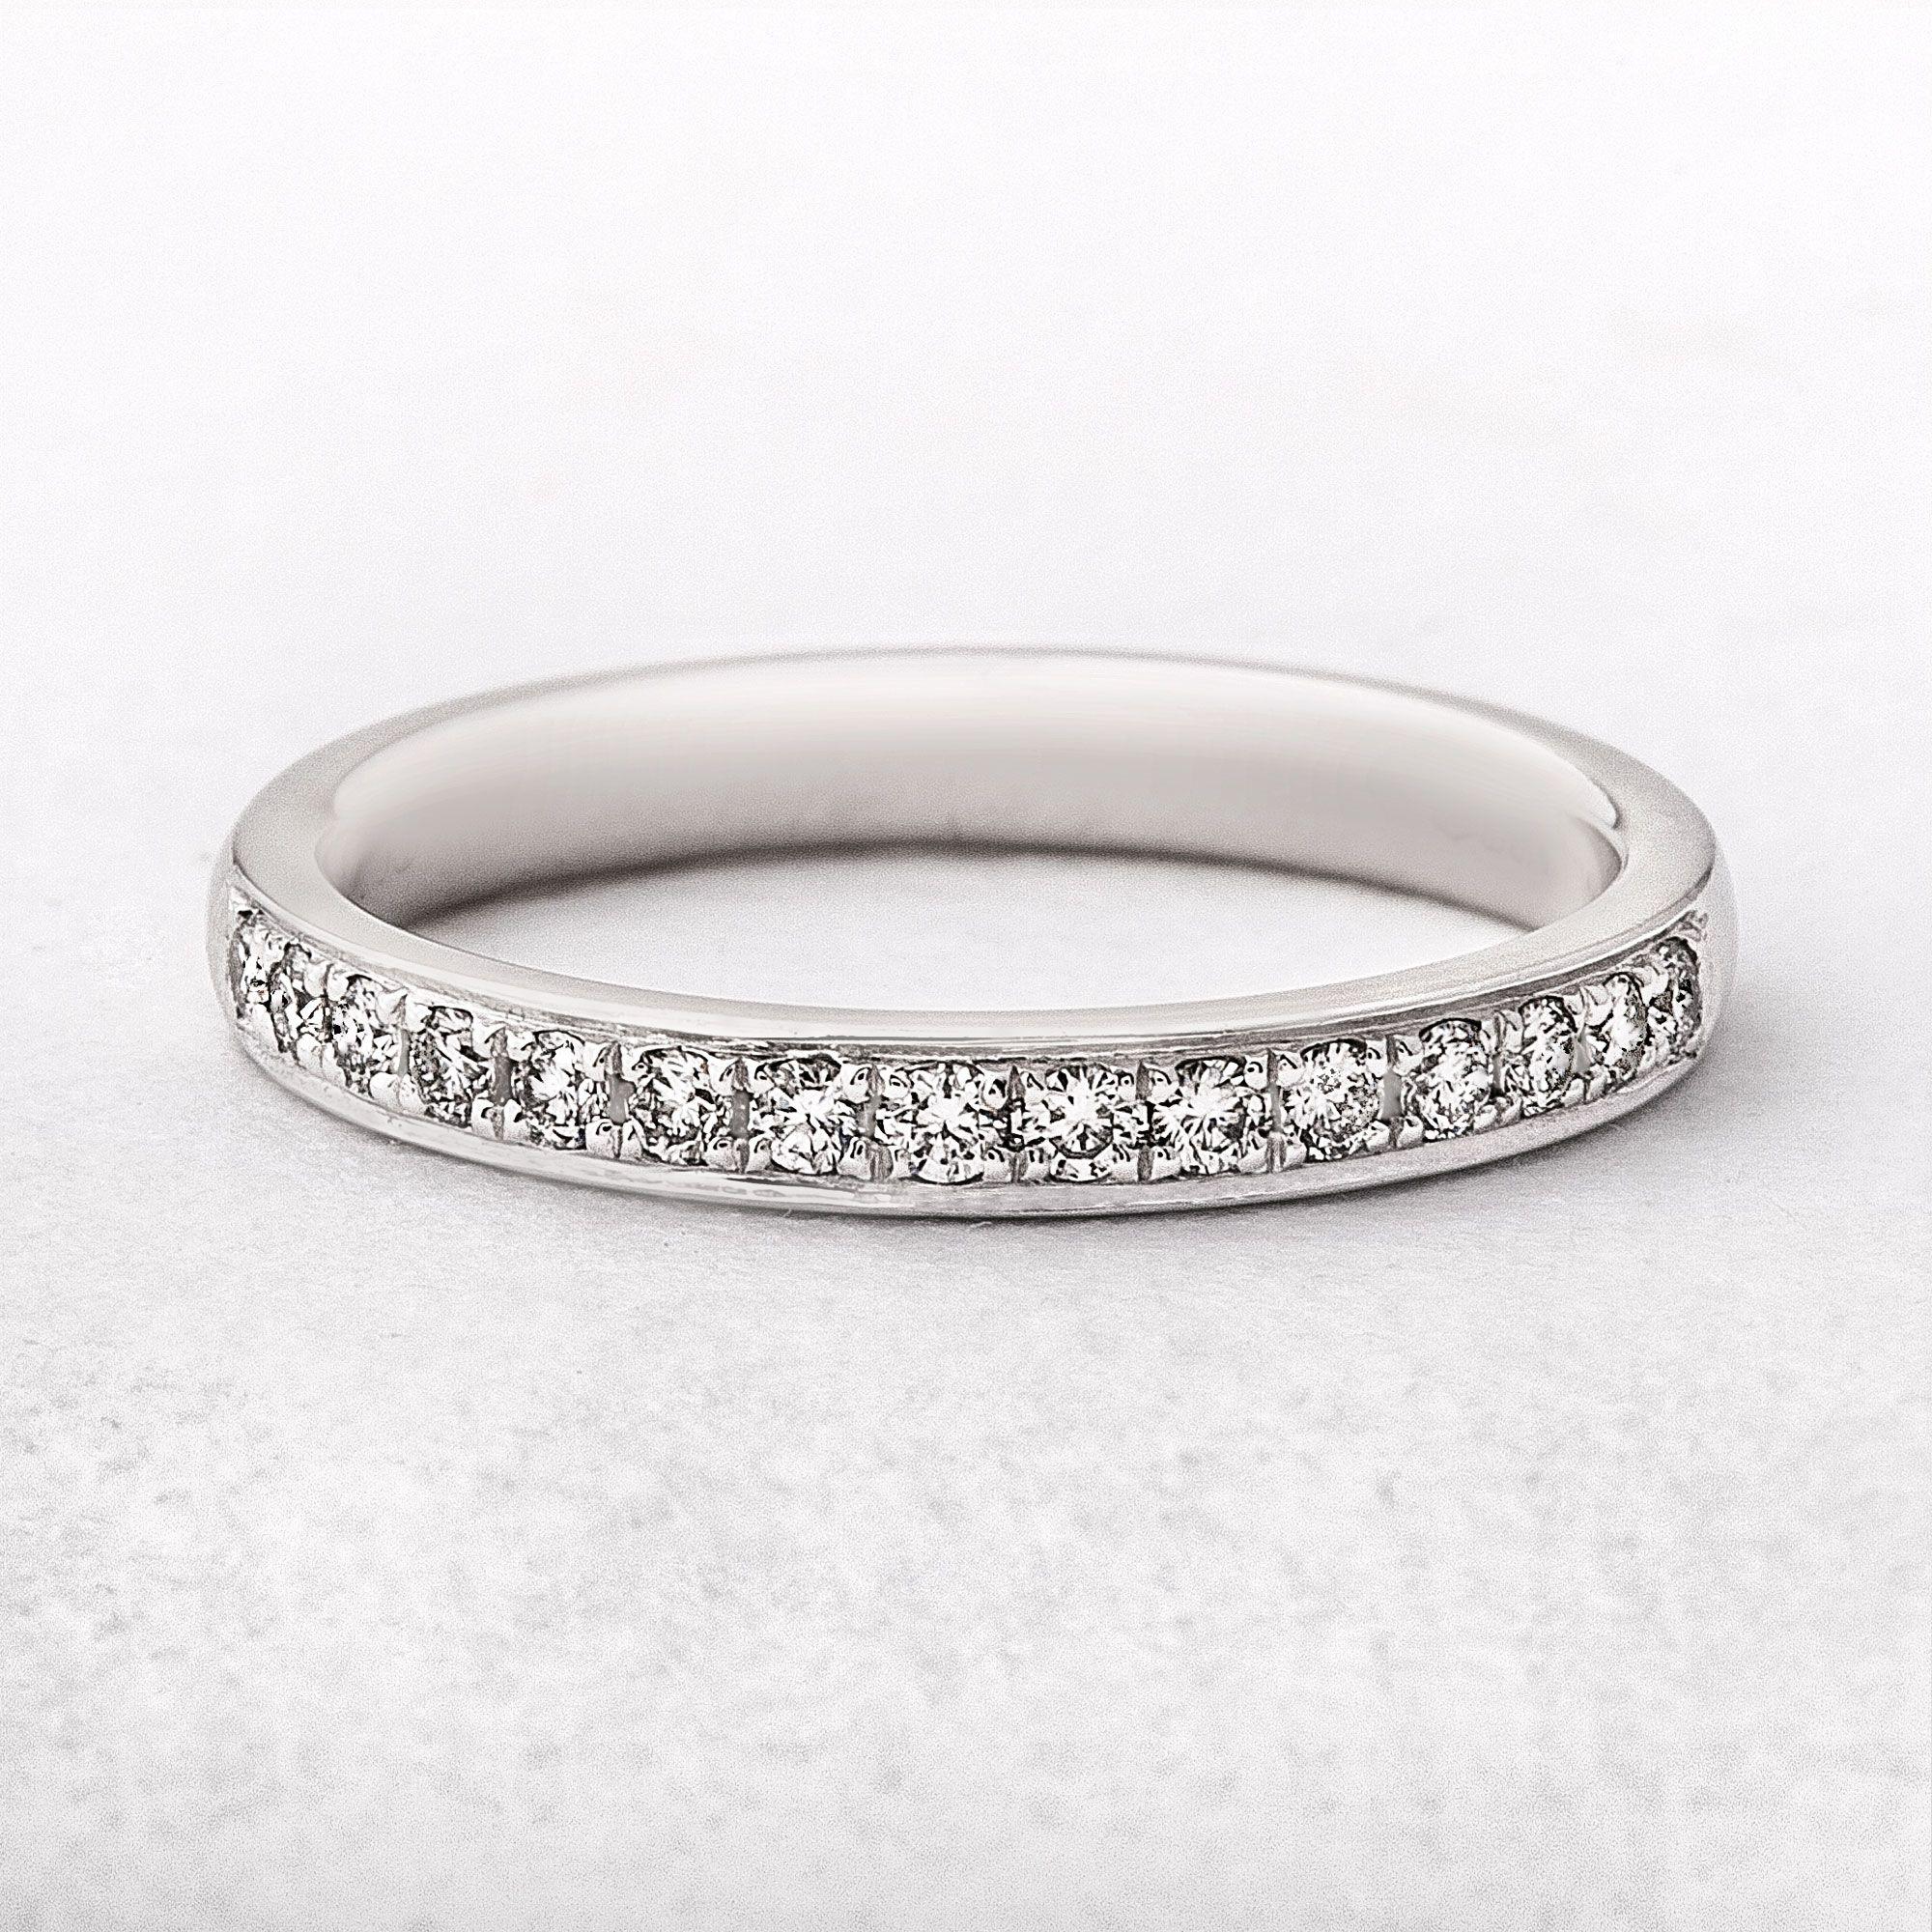 Ladies Wedding Band Platinum Diamond Grain Set Wedding Ring 0 23ct Antique Wedding Rings Rose Gold Engagement Ring Vintage Topaz Engagement Ring